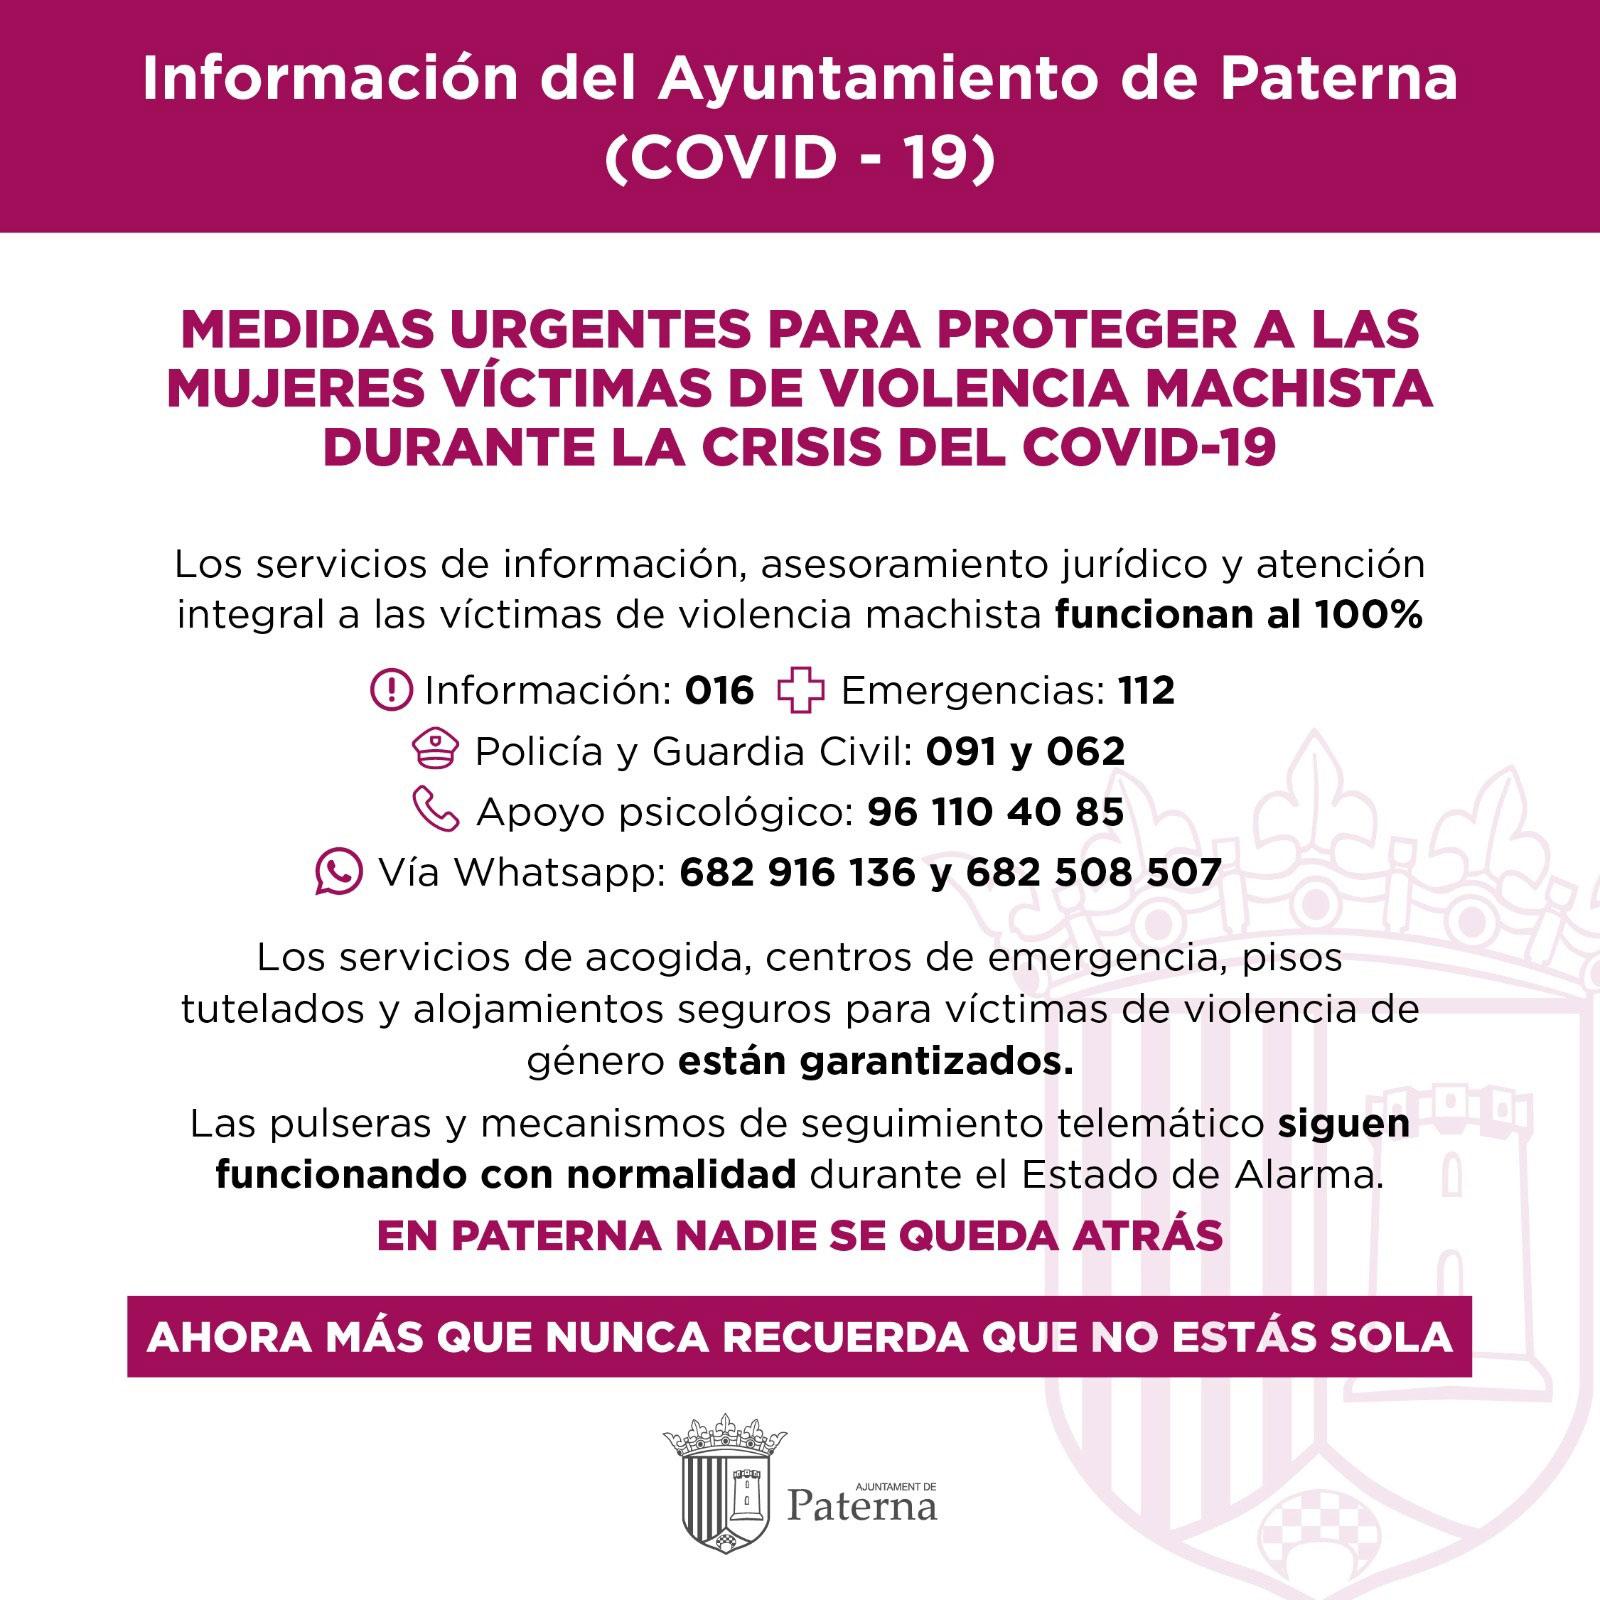 Información del Ayuntamiento de Paterna - Violencia machista